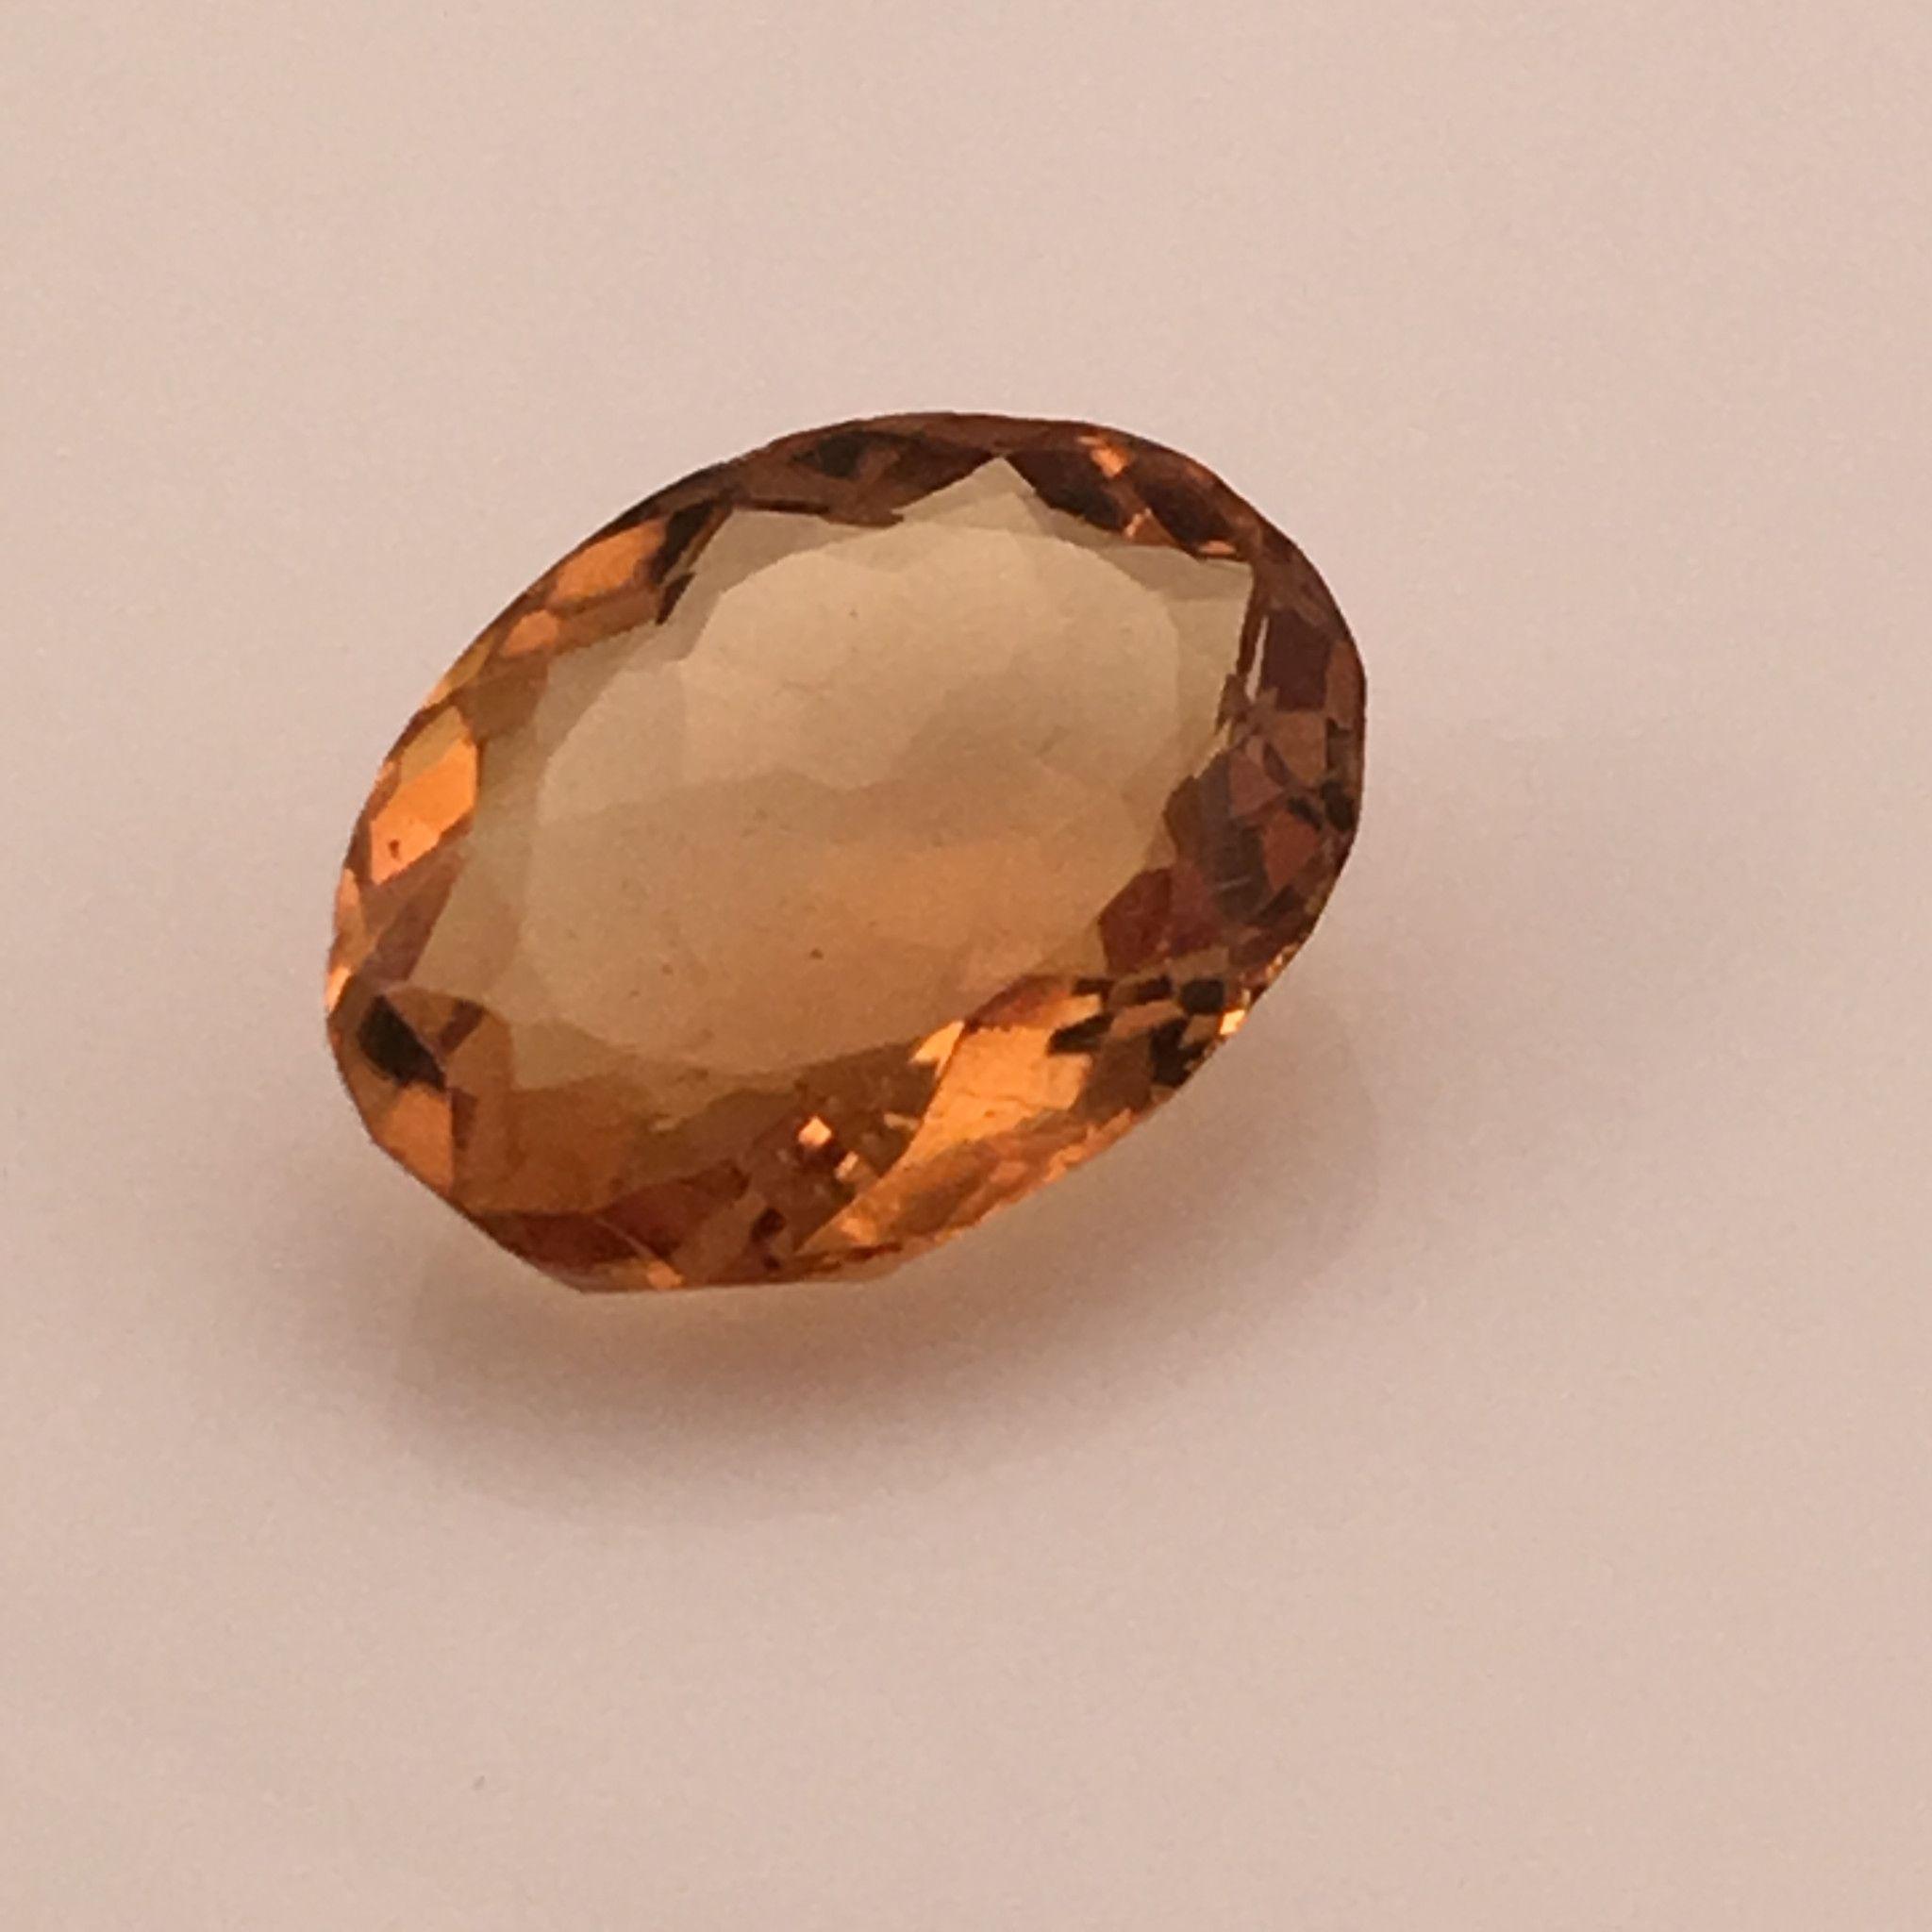 6.1 carat African Fire Citrine Gemstone Citrine gemstone